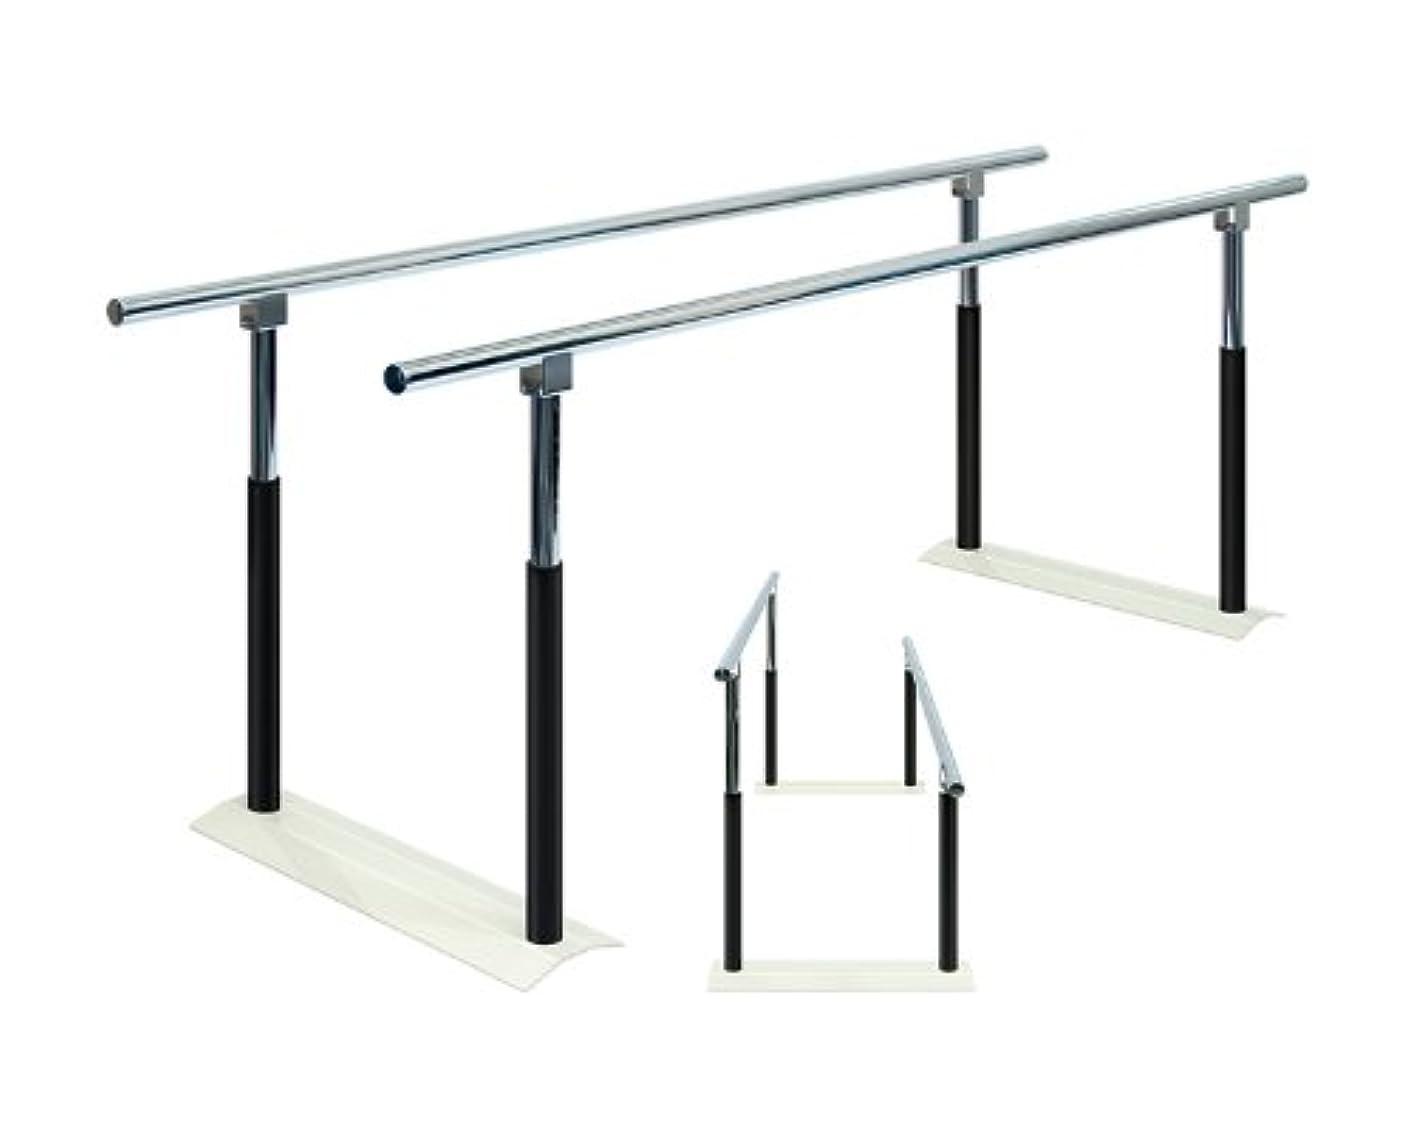 リア王モノグラフレルム平行棒 パラレルDX(高さ伸縮タイプ) 長さ150cm/TB-534-02 高田ベット製作所